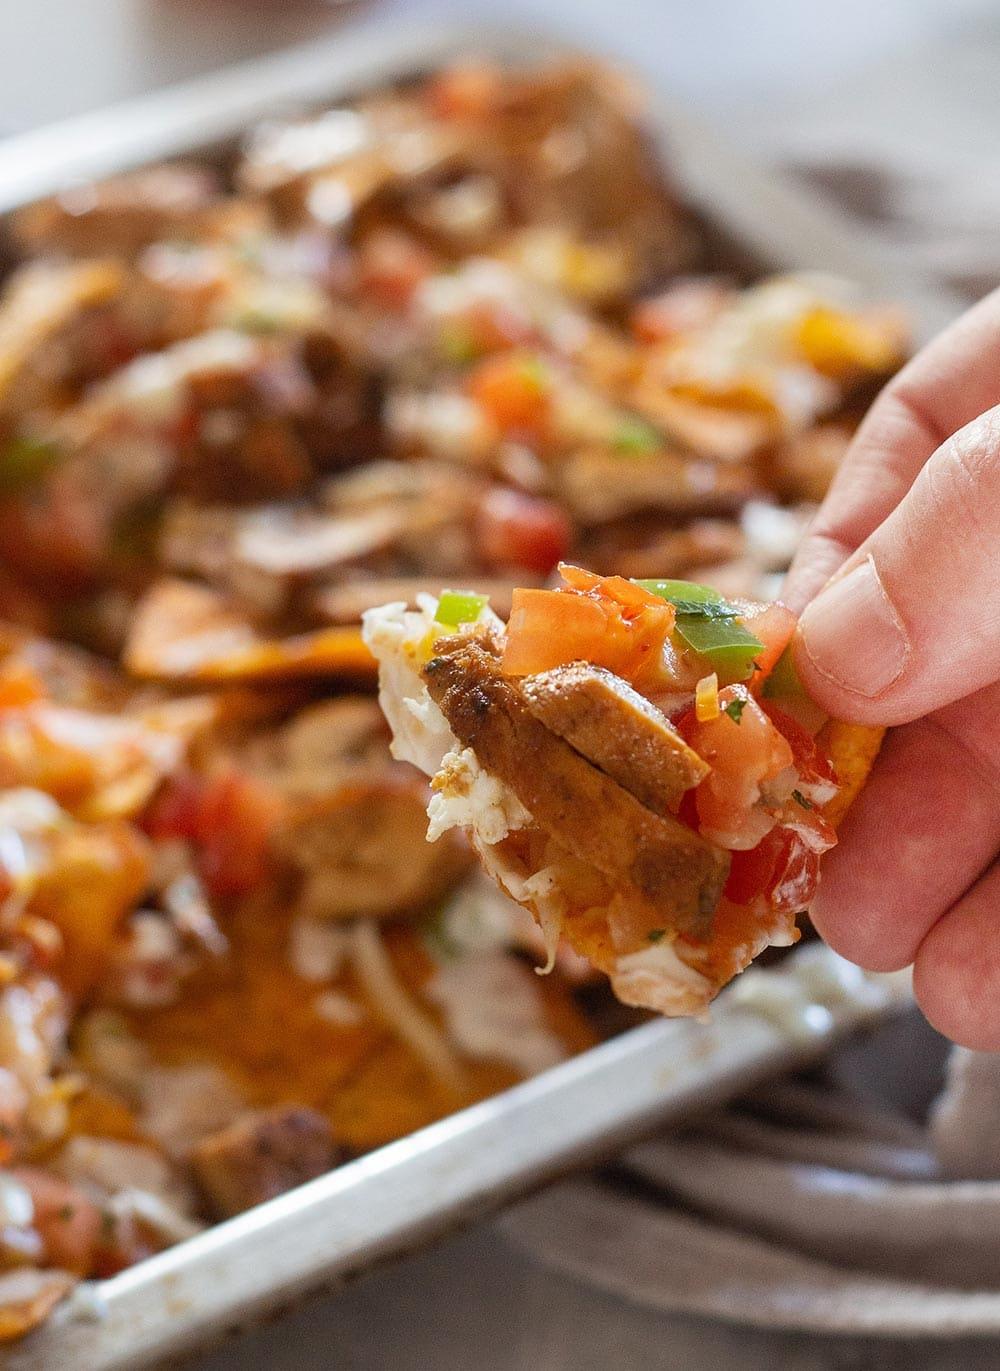 A bite of doritos nachos.